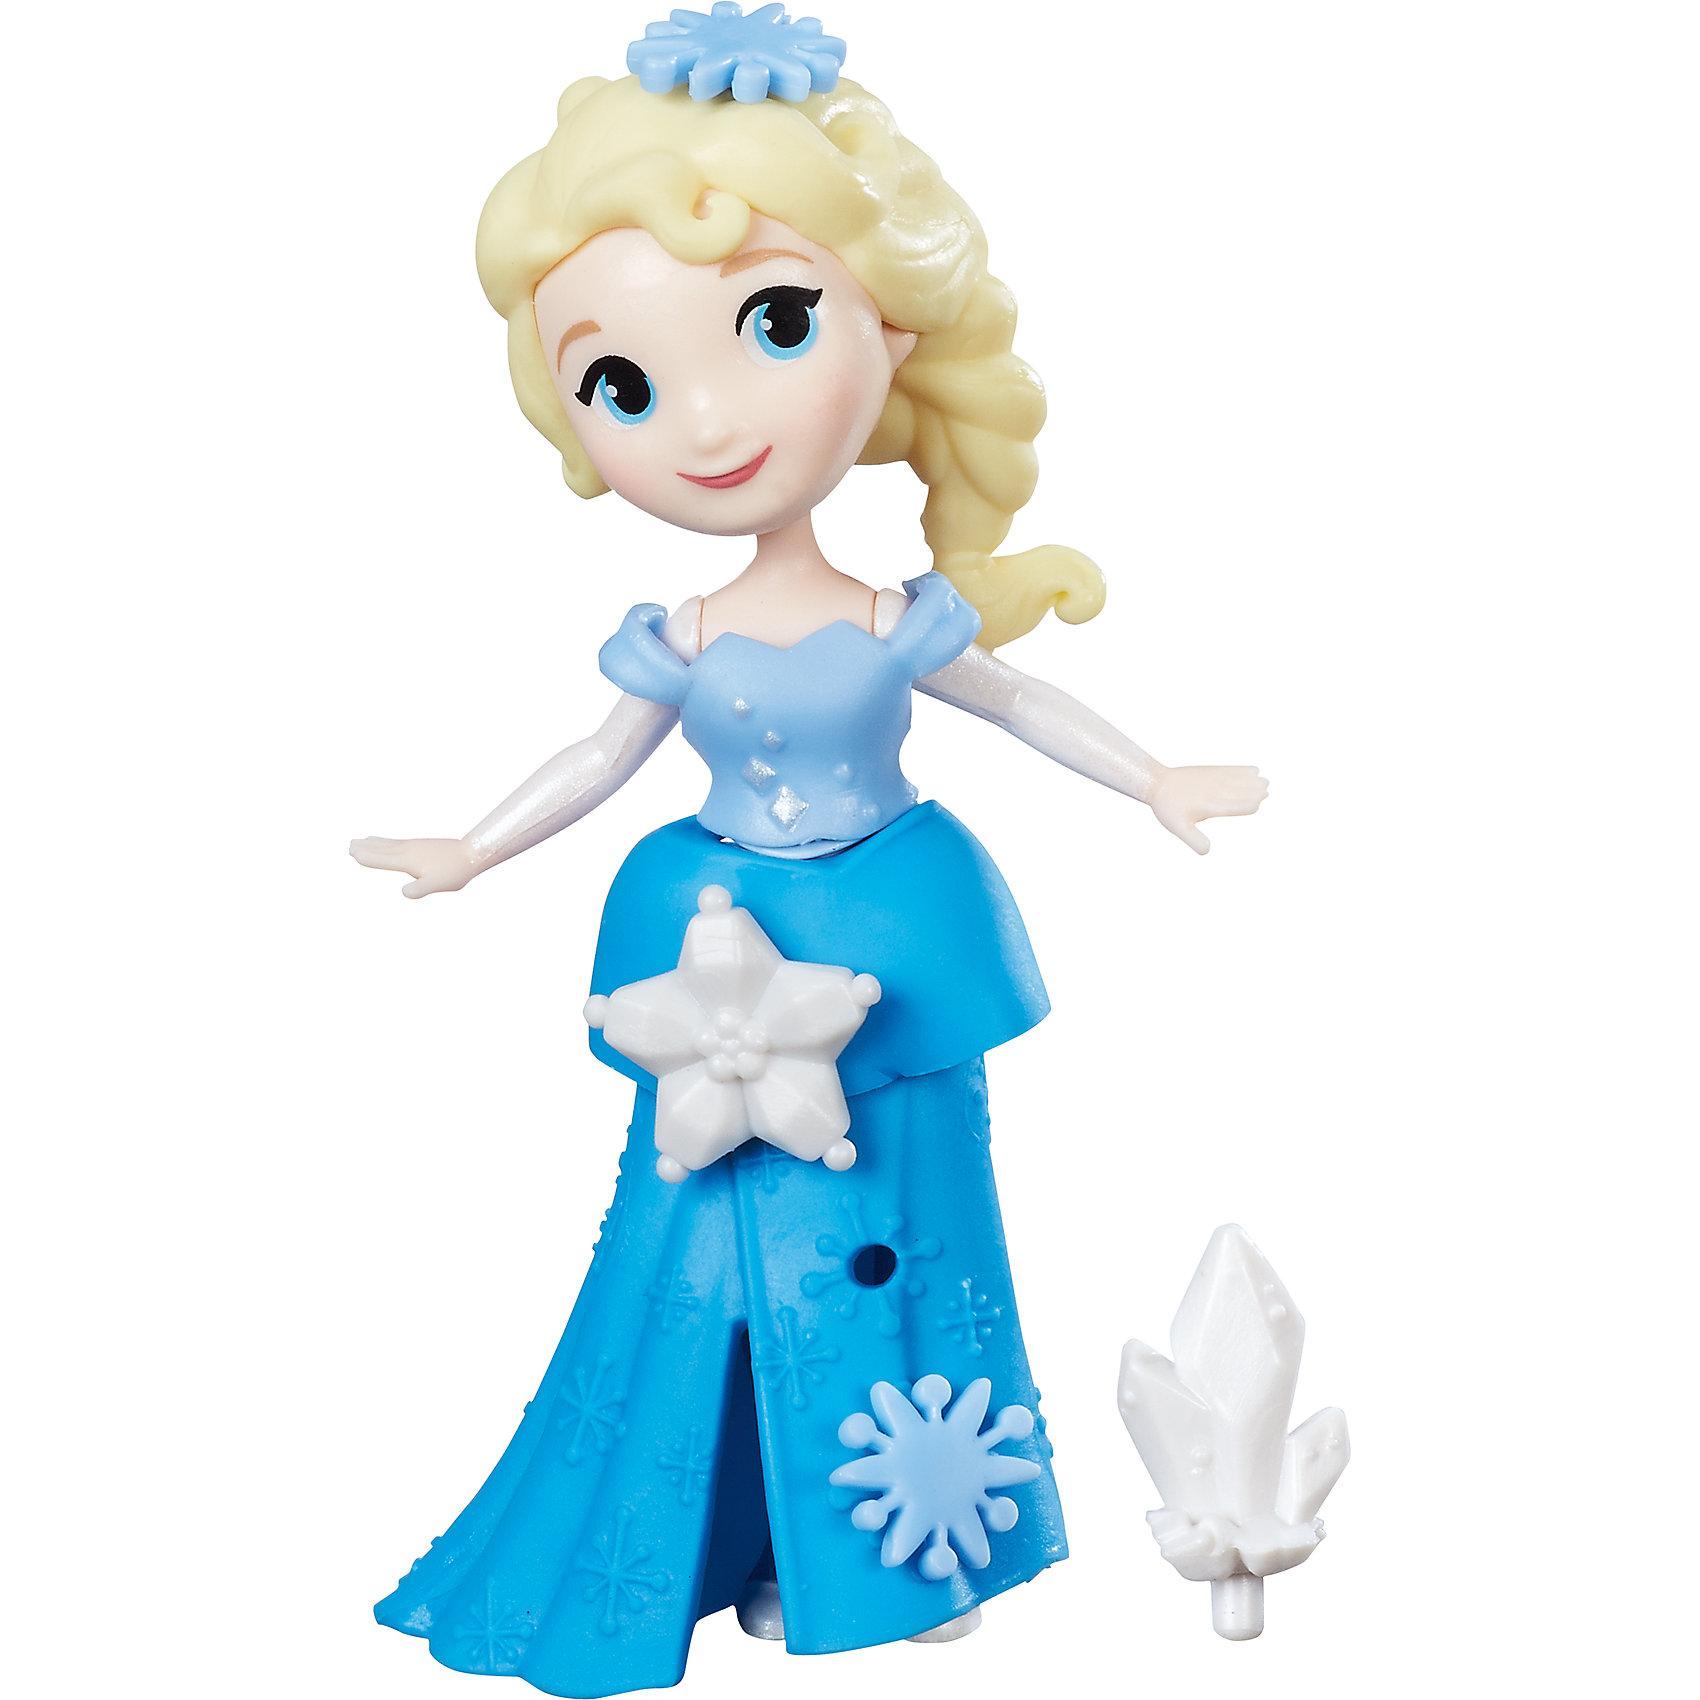 Маленькая кукла Холодное сердце, C1096/C1099Характеристики маленькой куклы Холодное сердце:<br><br>- возраст: от 3 лет<br>- герой: холодное сердце / Frozen<br>- пол: для девочек<br>- комплект: мини-куклы Анна и Эльза, фигурка снеговика Олафа.<br>- материал: высококачественный пластик.<br>- размер упаковки: 25 * 16.5 * 5.5 см.<br>- высота мини-кукол: 9 см.<br>- высота фигурки снеговика:4 см.<br>- упаковка: картонная коробка блистерного типа.<br>- страна обладатель бренда: США.<br><br>Героини Disney Princess Холодного сердца понравится юной поклоннице диснеевского анимационного фильма. Игровой набор состоит из двух маленьких кукол — Эльзы и Анны, а также множества различных фигурок и аксессуаров. Пышные платья героинь можно декорировать, в наборе имеются различные украшения. Набор предназначен для увлекательной сюжетно-ролевой игры: маленькая поклонница Холодного сердца  сможет воспроизвести любимые сценки из мультфильма или придумать собственный сюжет, полный приключений.<br><br>Набор маленьких кукол Холодное сердце торговой марки Hasbro (Хасбо) можно купить в нашем интернет-магазине.<br><br>Ширина мм: 97<br>Глубина мм: 38<br>Высота мм: 325<br>Вес г: 59<br>Возраст от месяцев: 36<br>Возраст до месяцев: 72<br>Пол: Женский<br>Возраст: Детский<br>SKU: 5064767